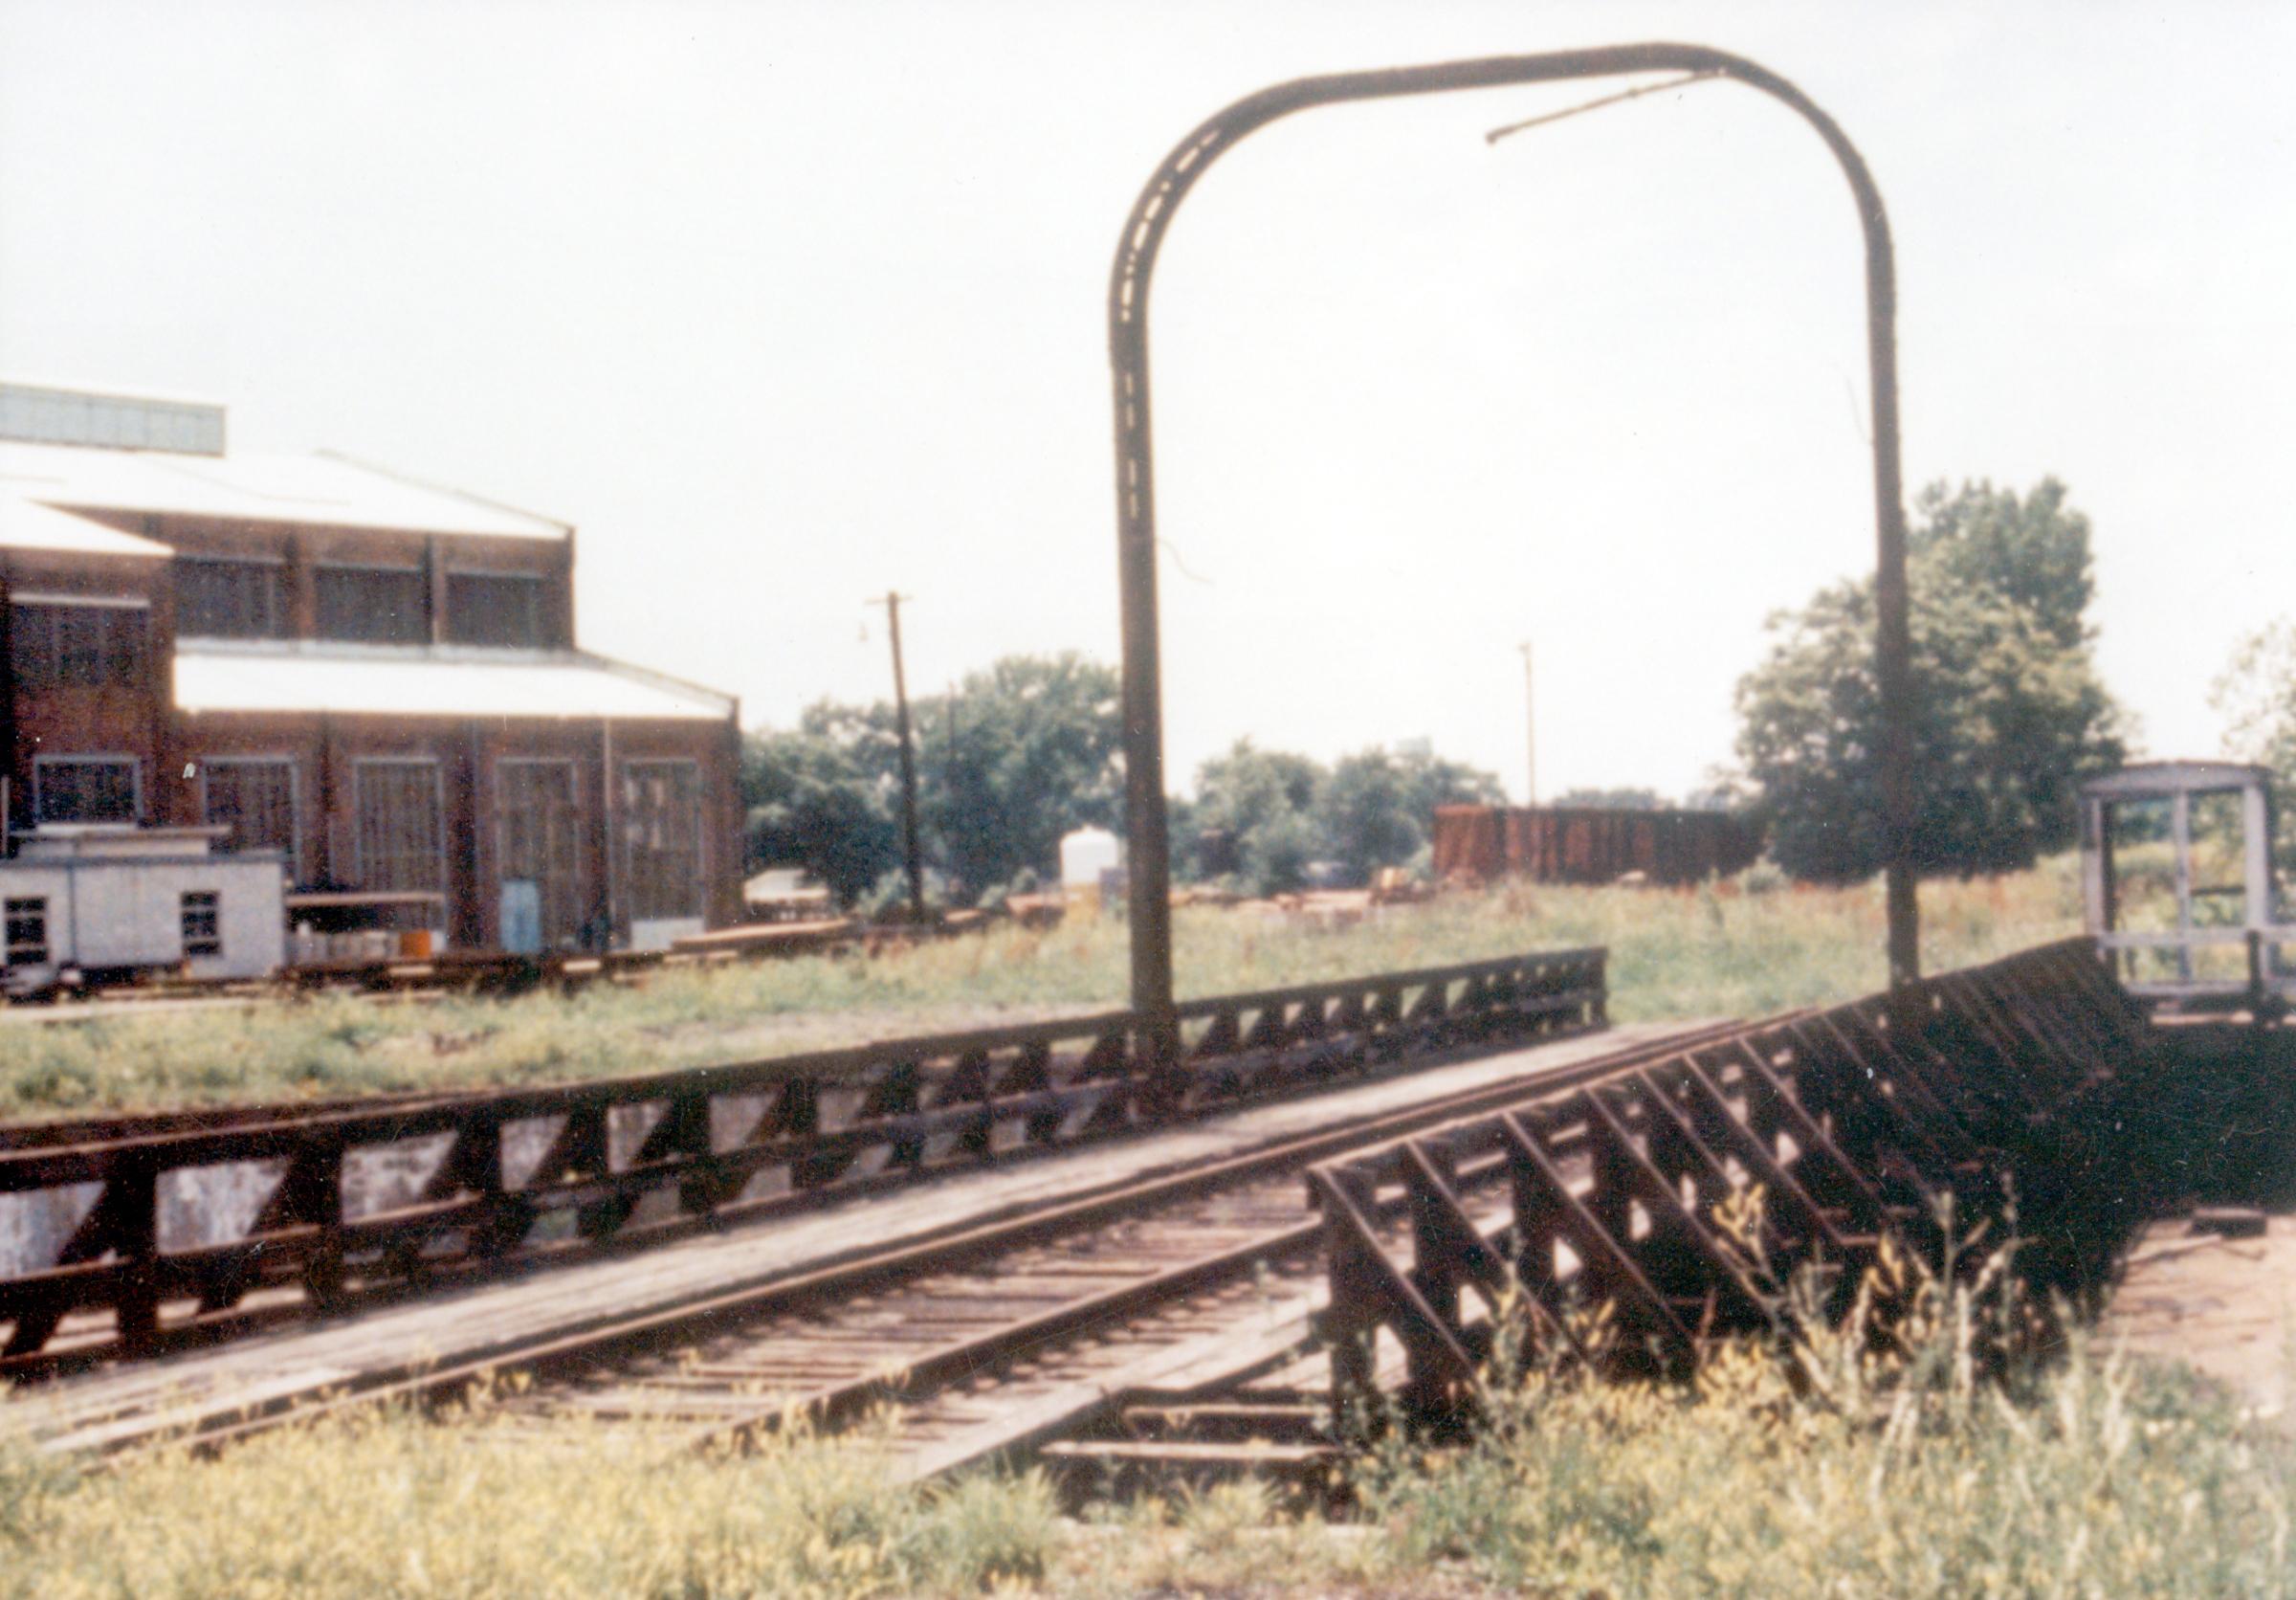 Mt  Carmel Railroad Yard in Mt  Carmel, IL